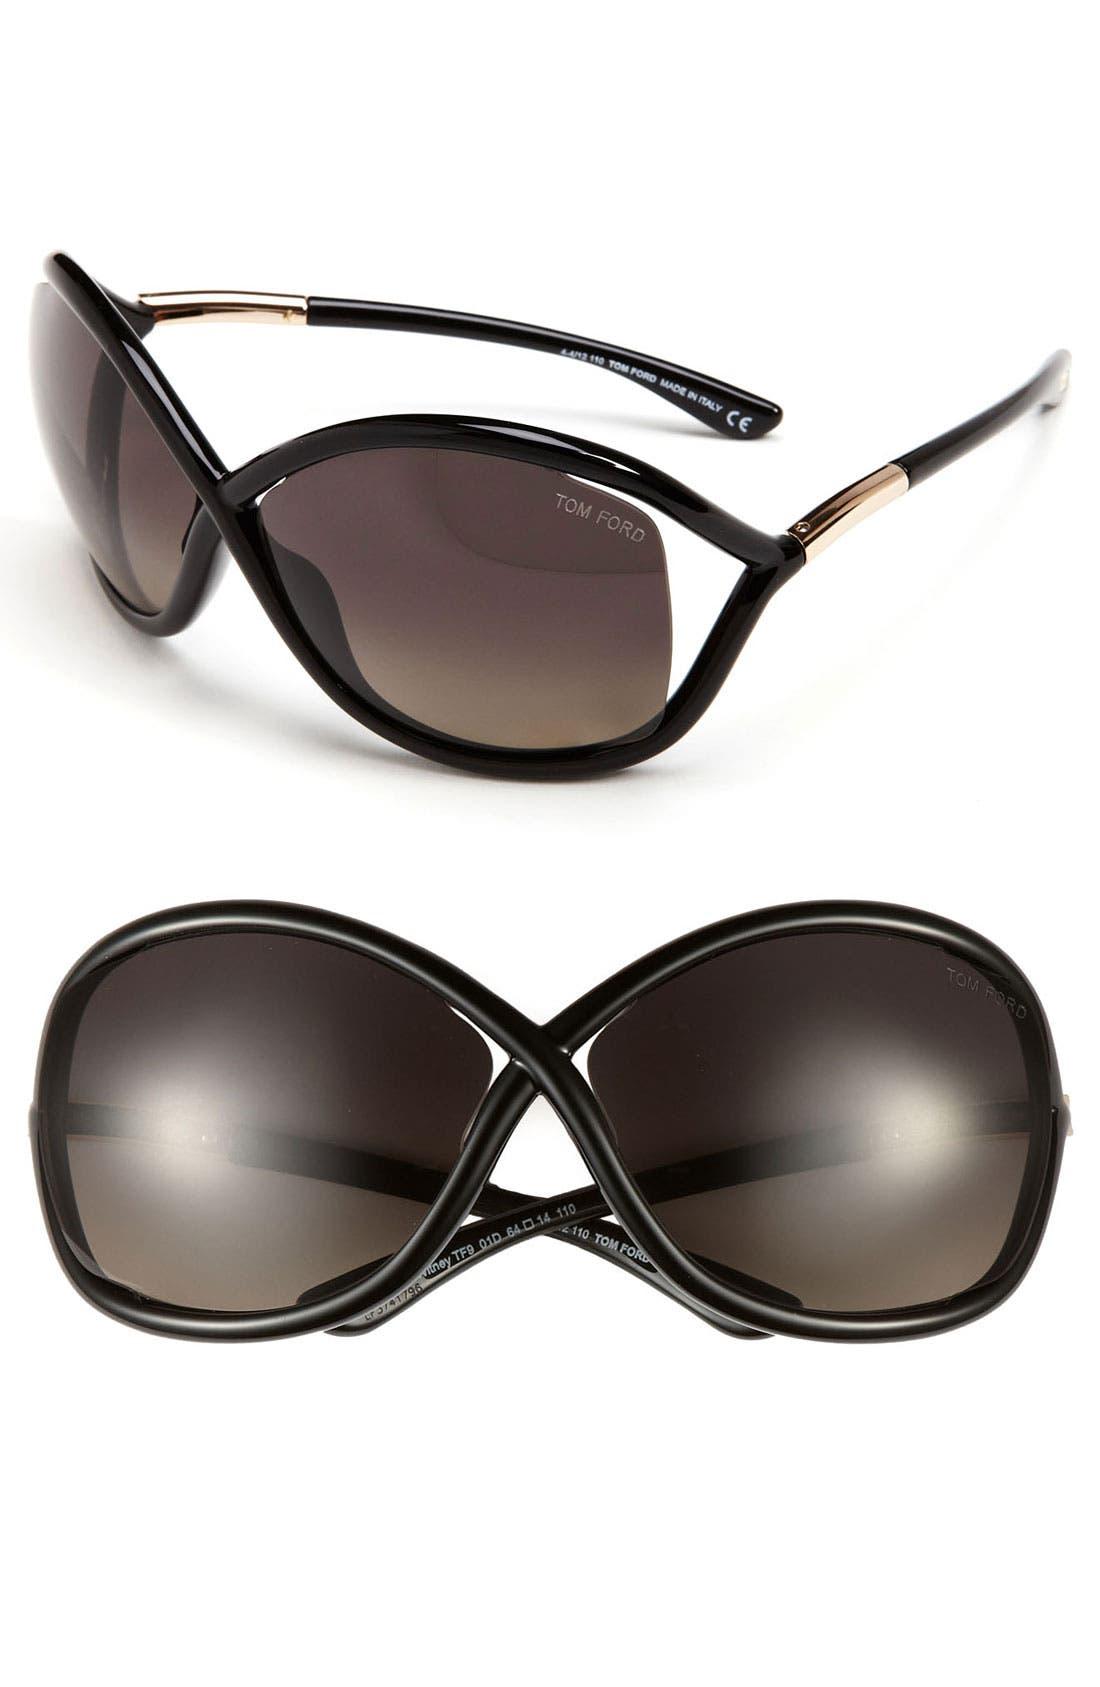 Main Image - Tom Ford 'Whitney' 64mm Polarized Sunglasses